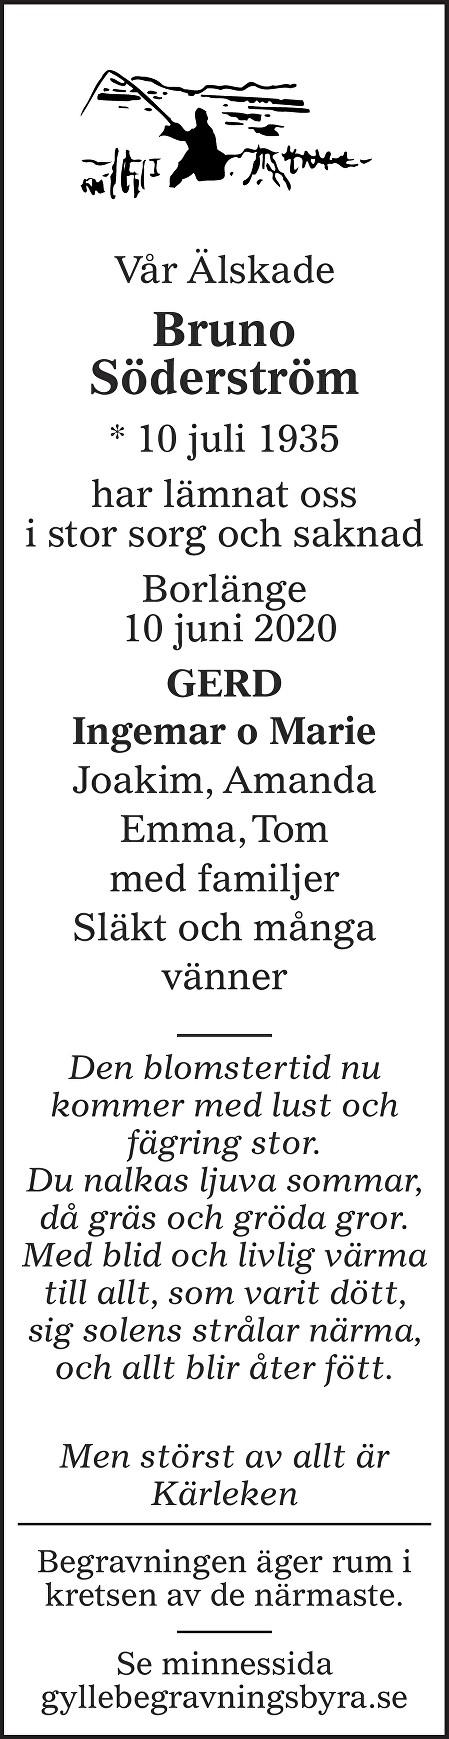 Bruno Söderström Death notice